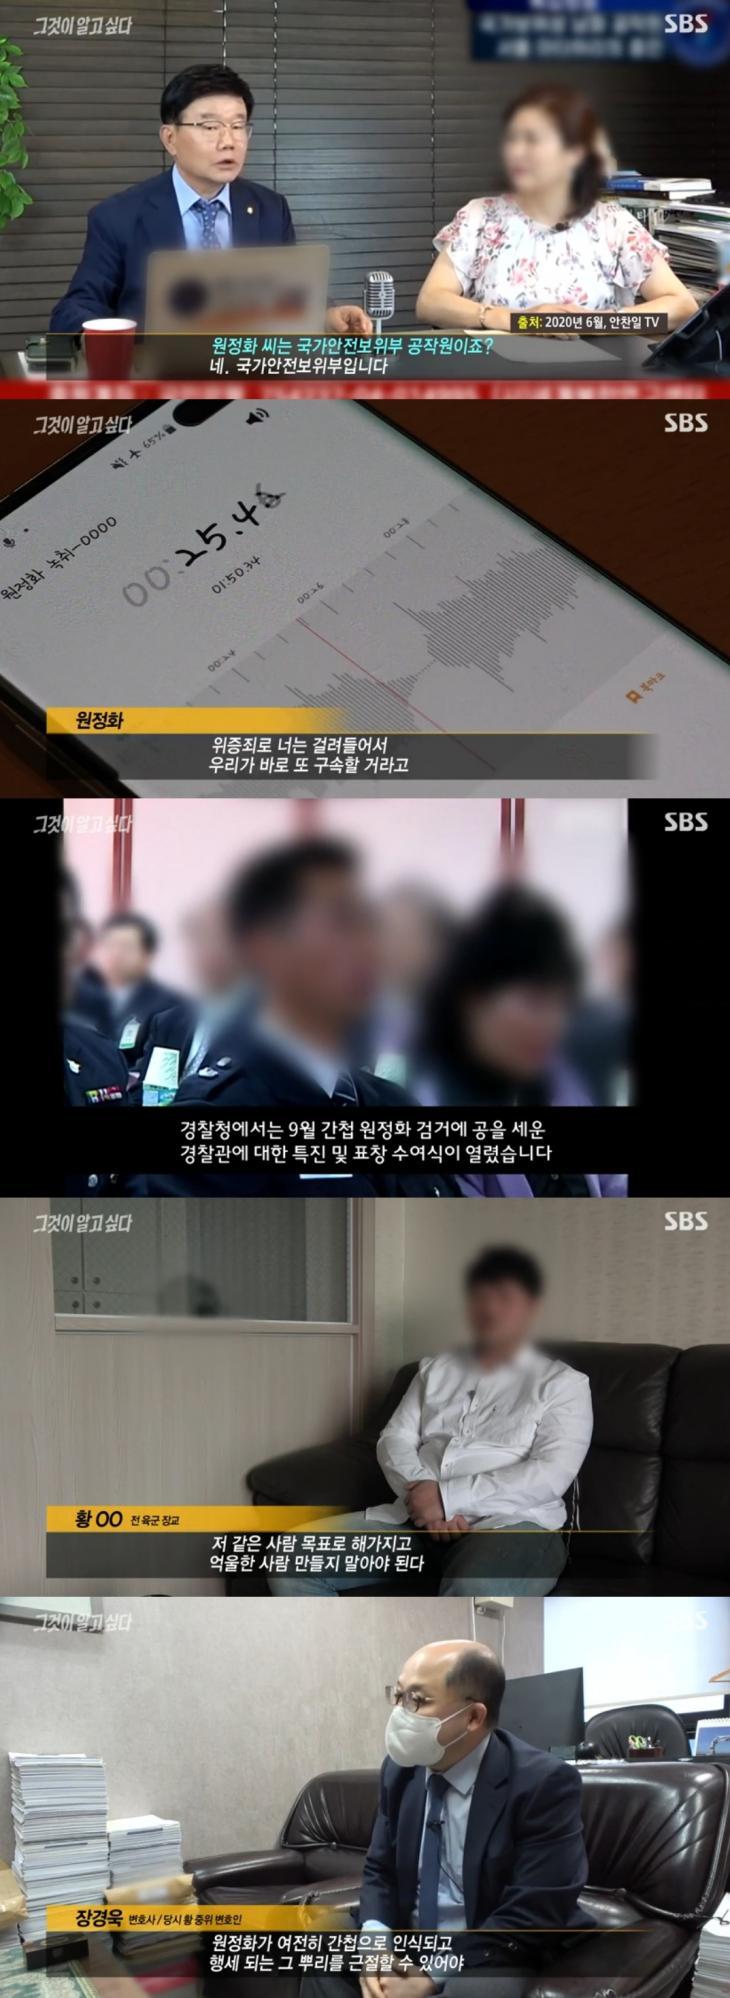 SBS 시사교양 프로그램 '그것이 알고싶다'